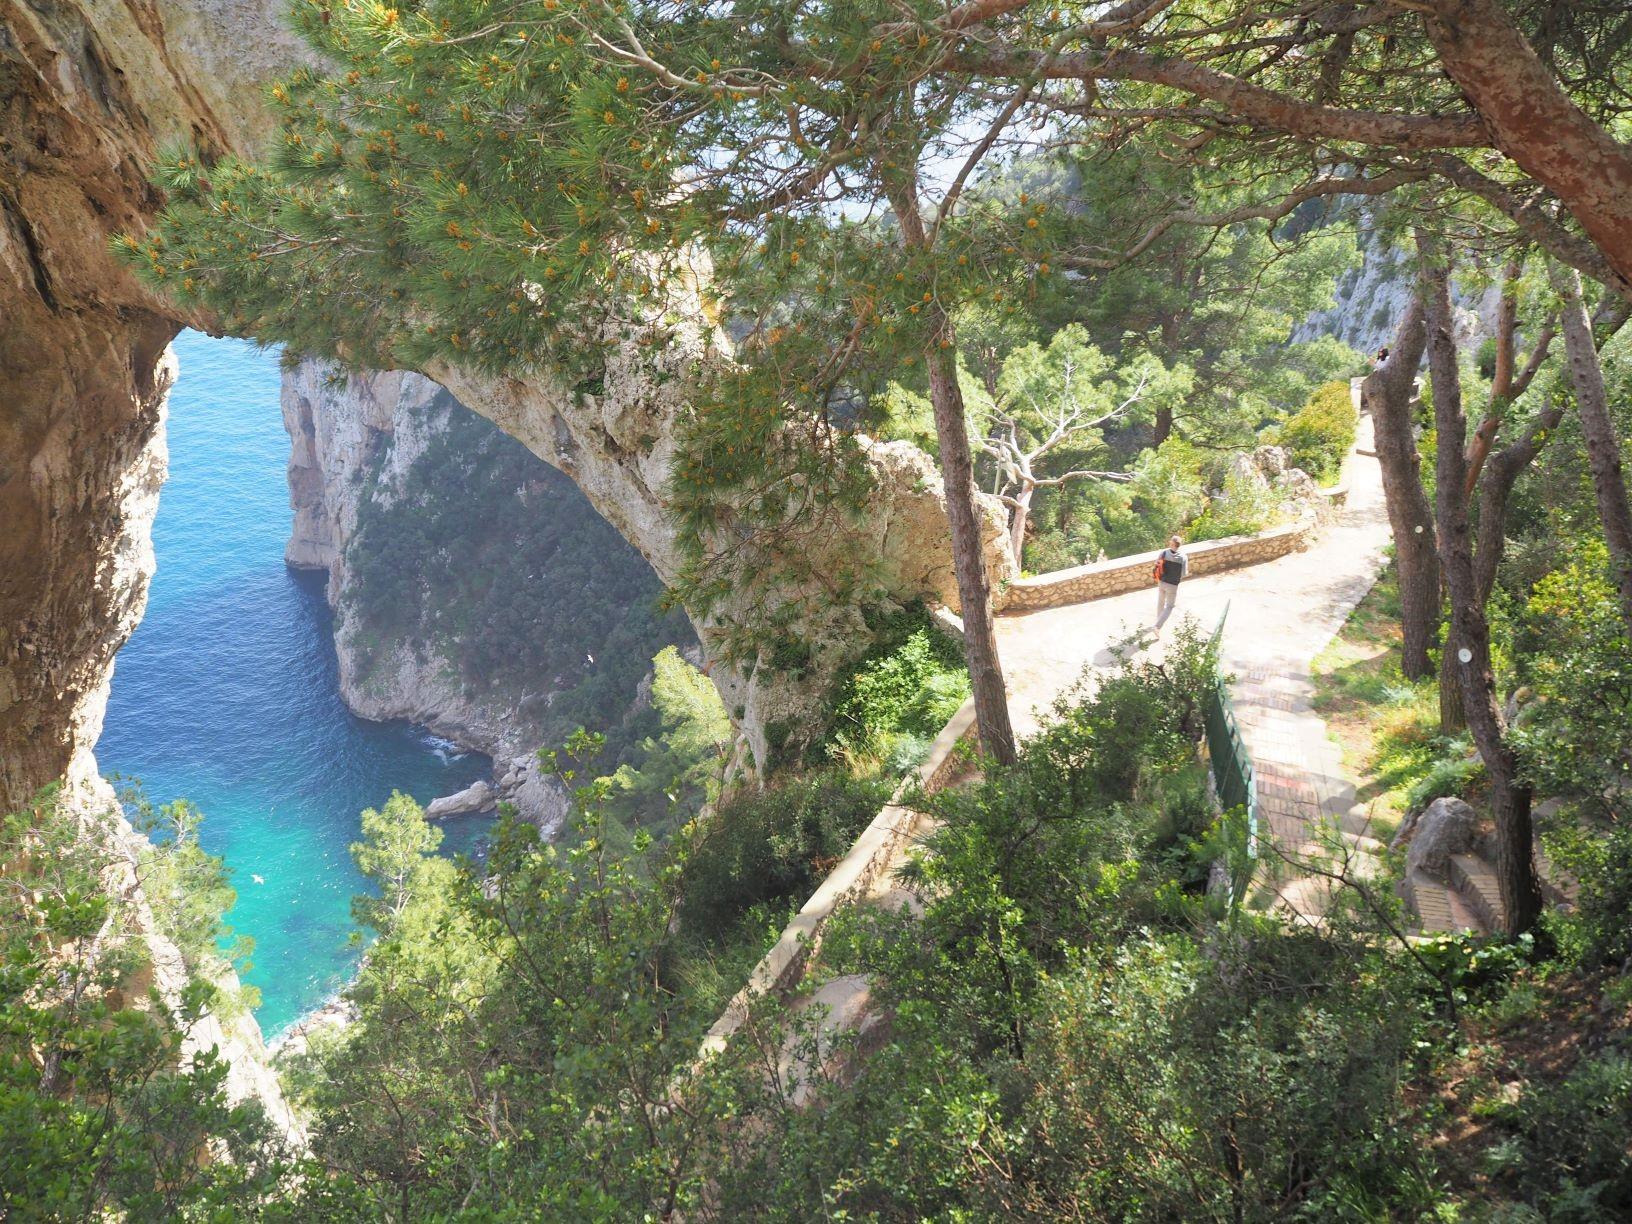 3月14日出発「至福の南イタリア・ハイキング 紺碧の海と断崖、小さな街を巡る旅 9日間」